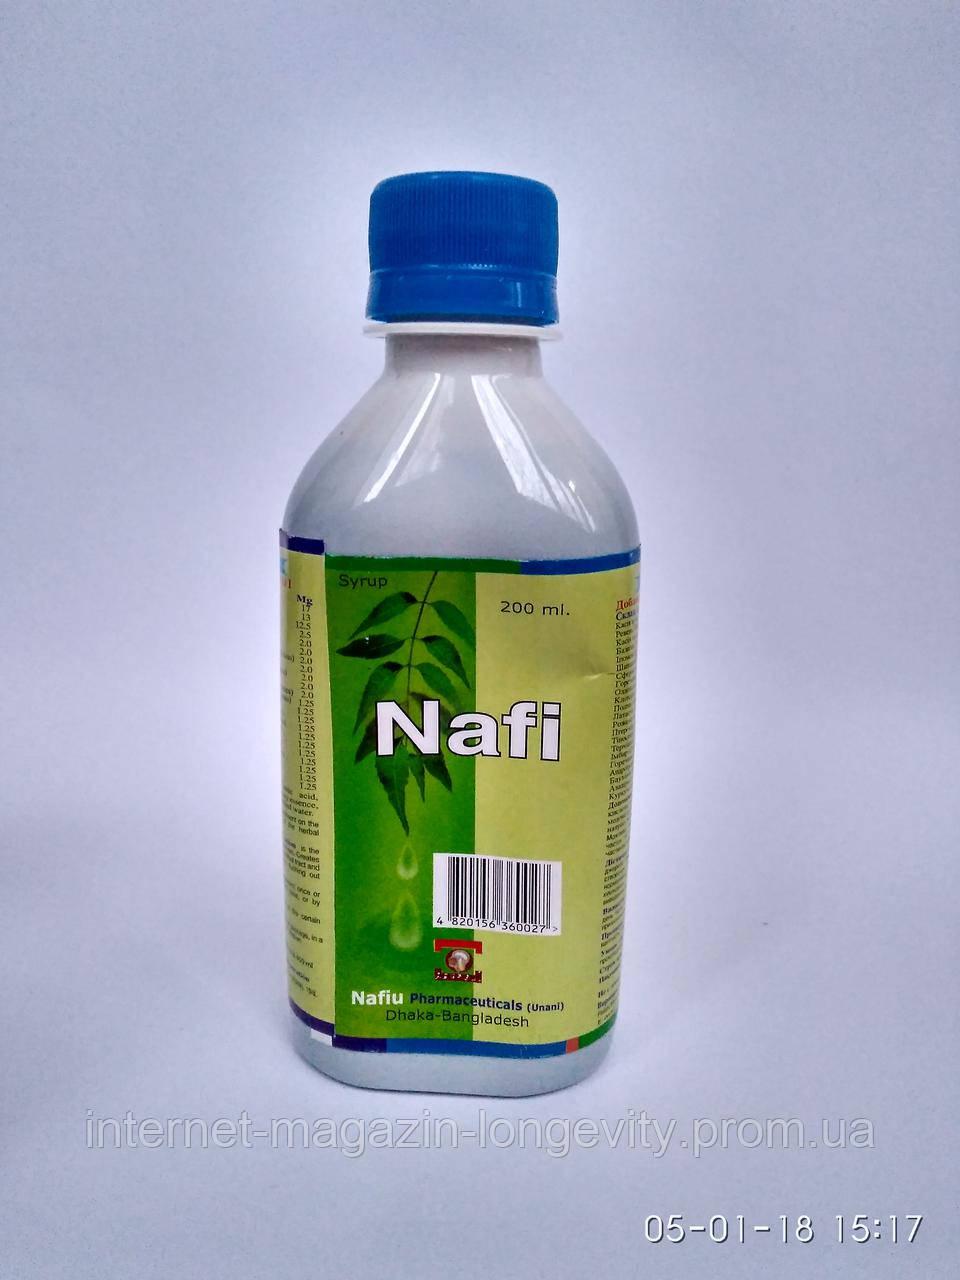 Нафи. Природный биоактивный комплекс. Для очищения крови, лимфы, сосудов, для нормализации обмена веществ.